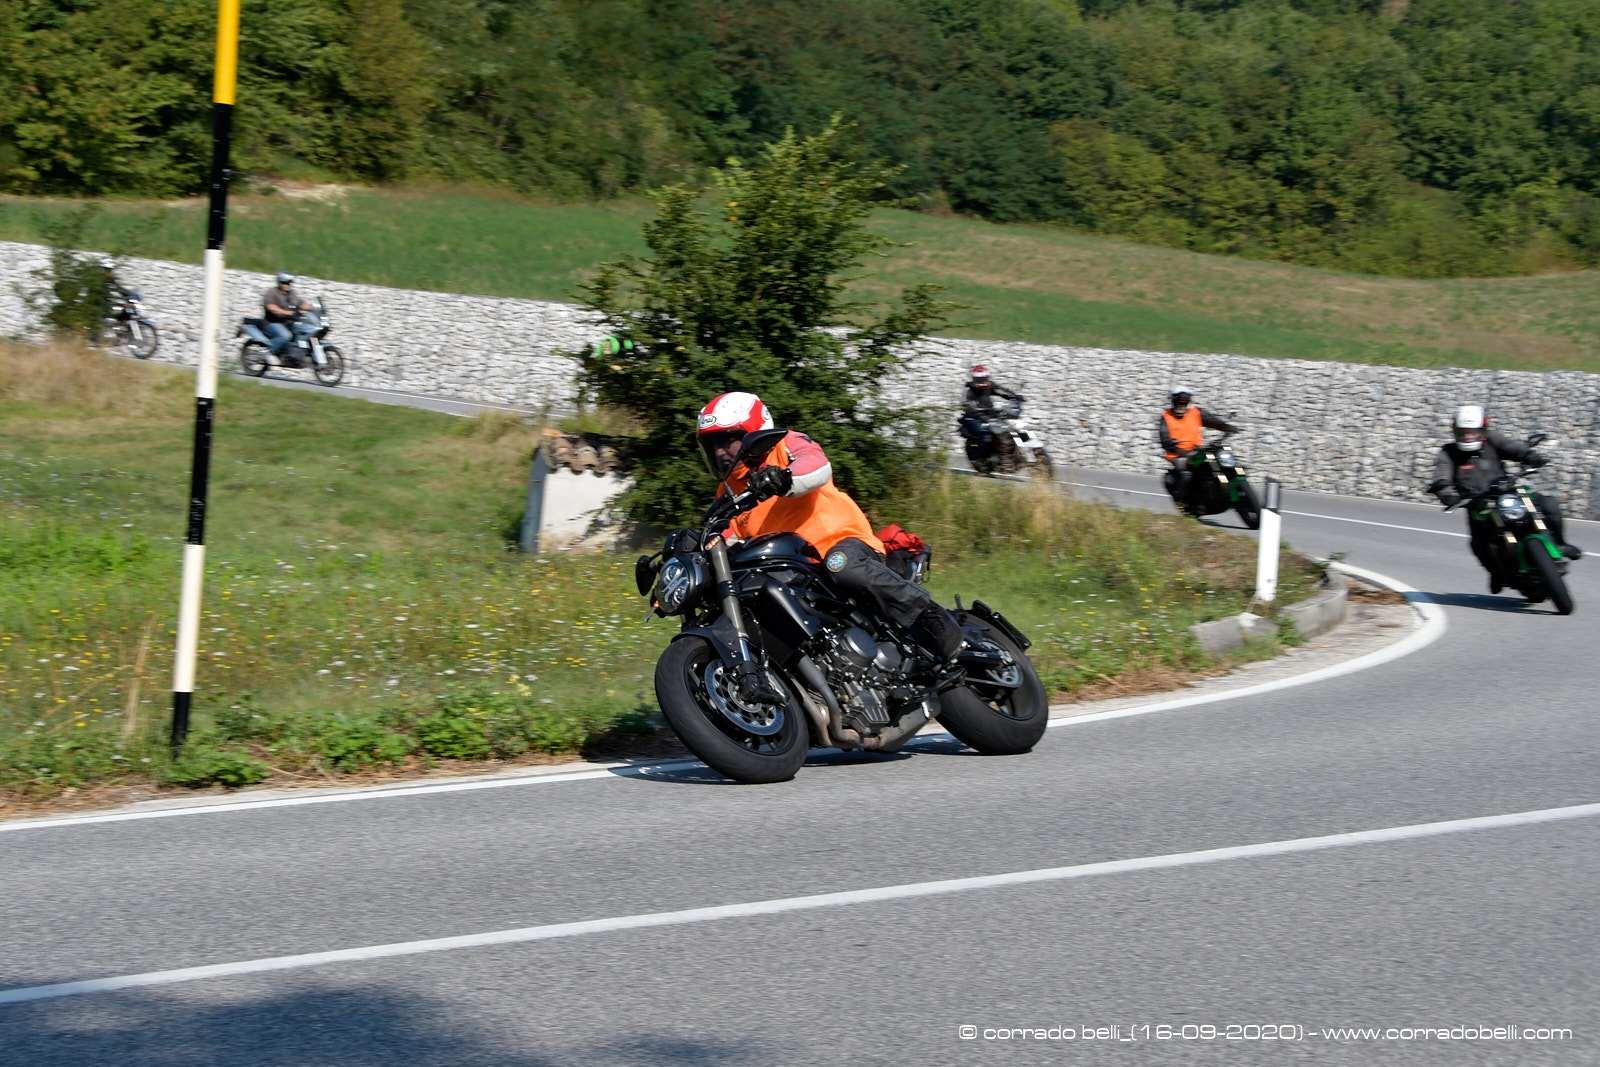 0100-Benelli-Week_16-09-20